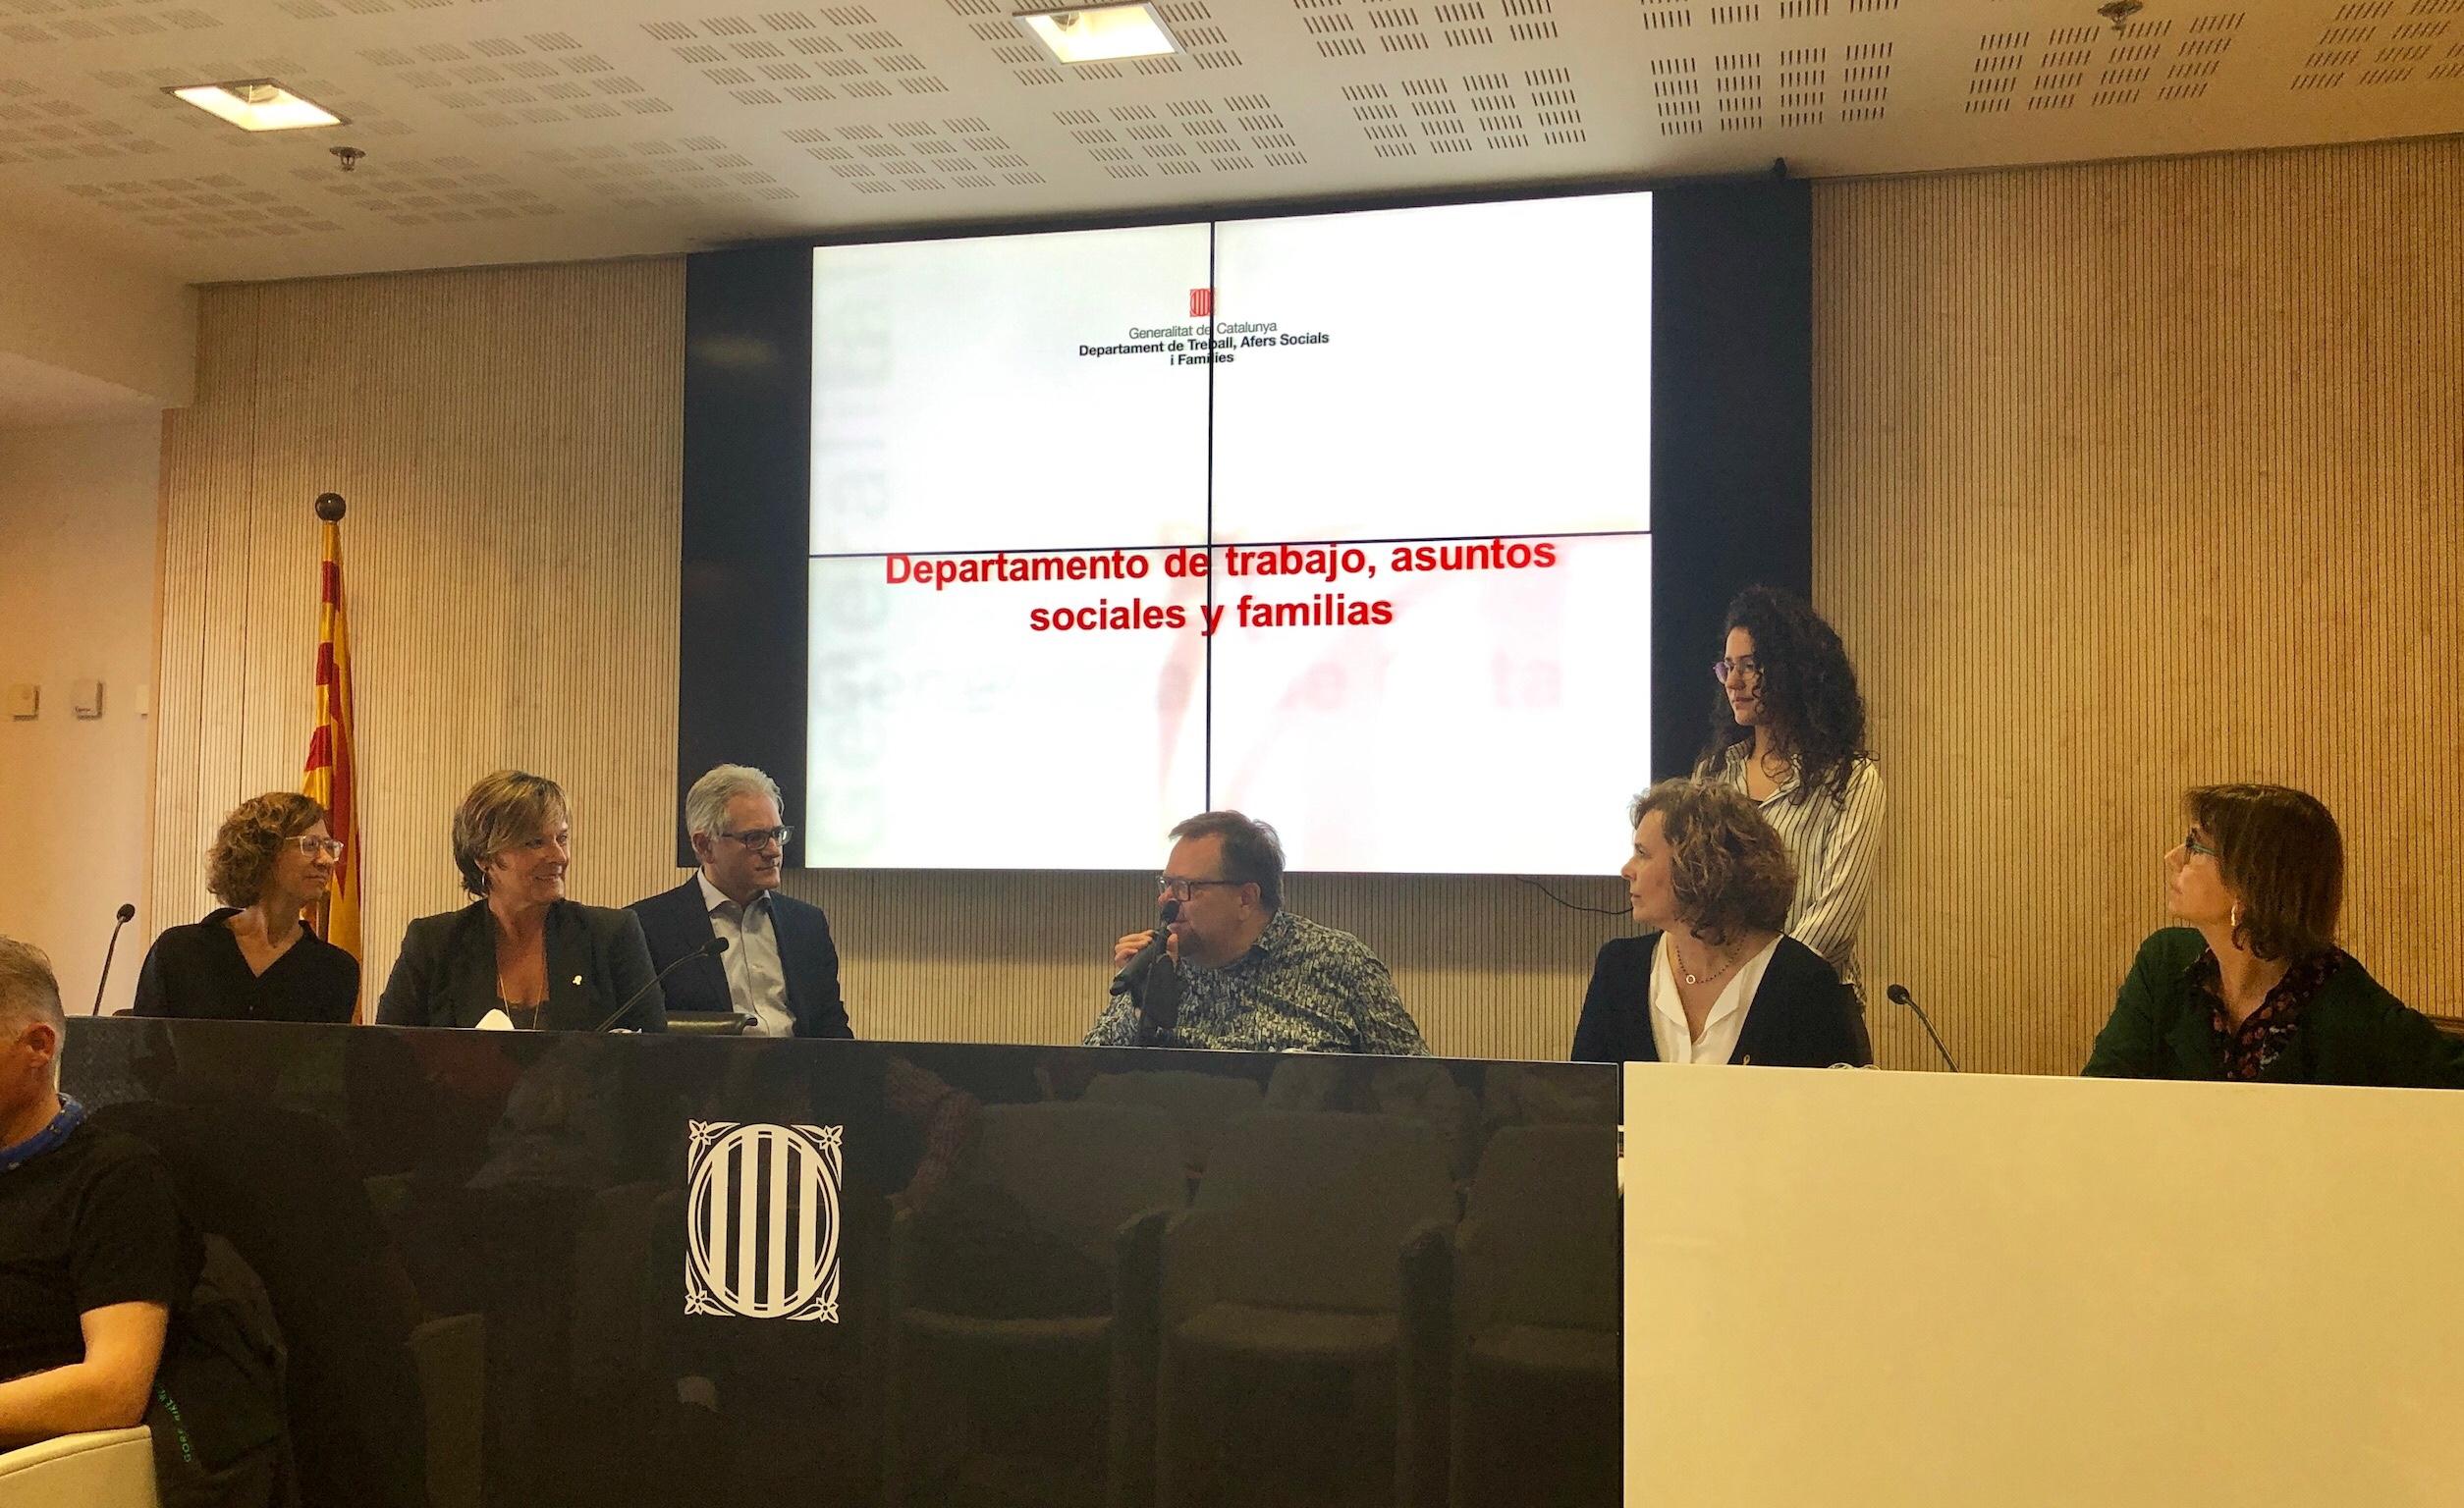 Panel mit Expertinnen und Experten aus dem Sozialministerium Kataloniens